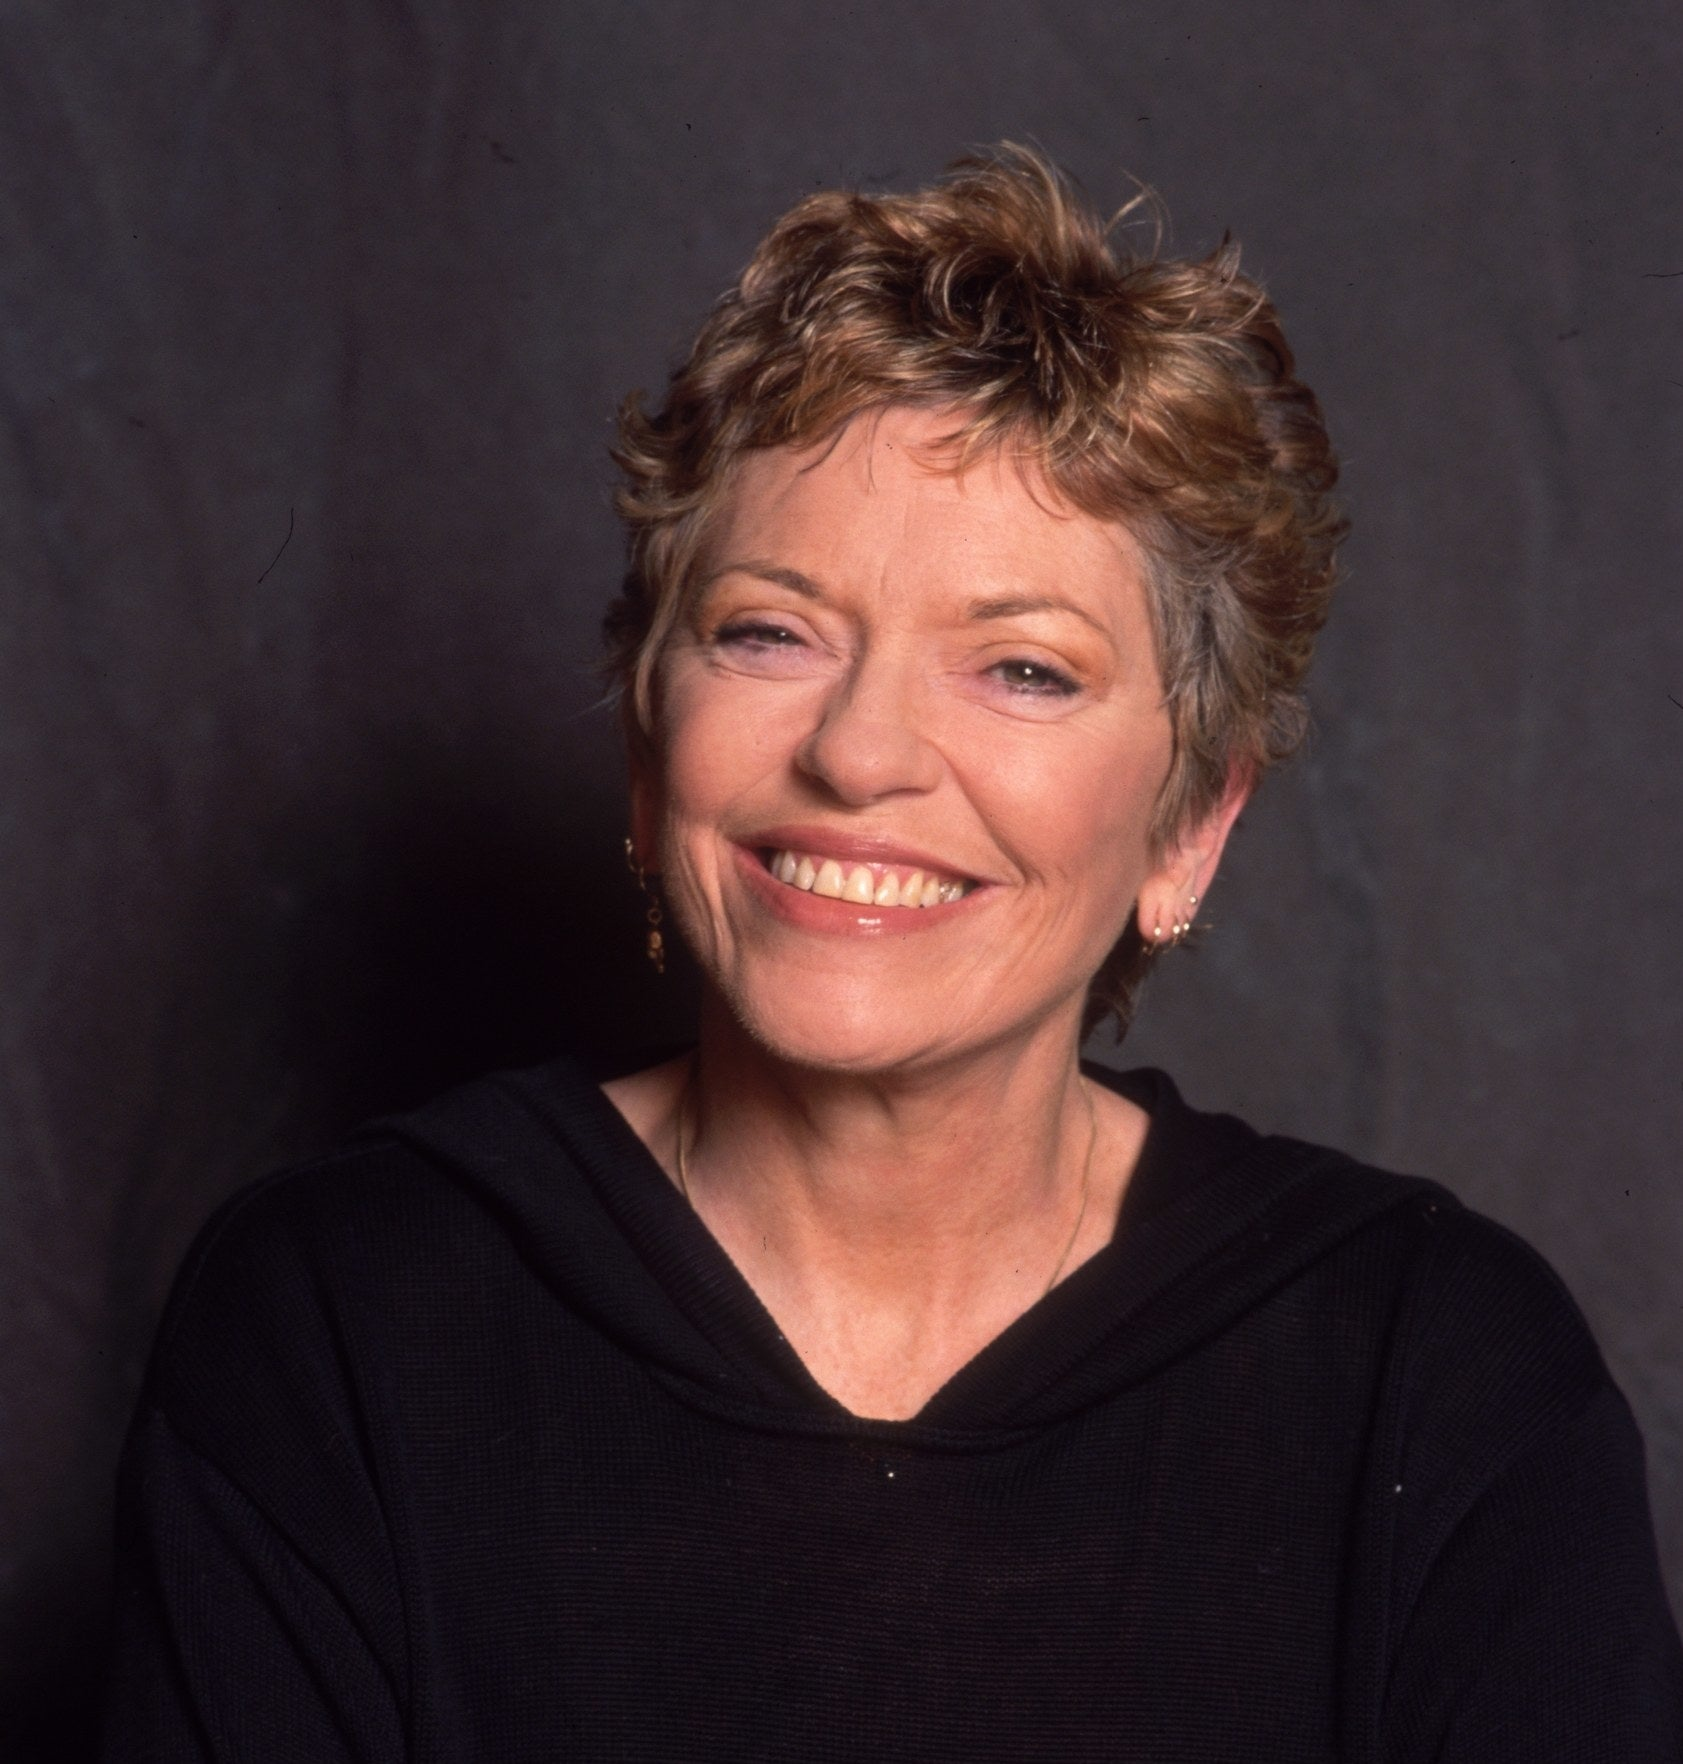 Photo of Linda Ellerbee from Nick News